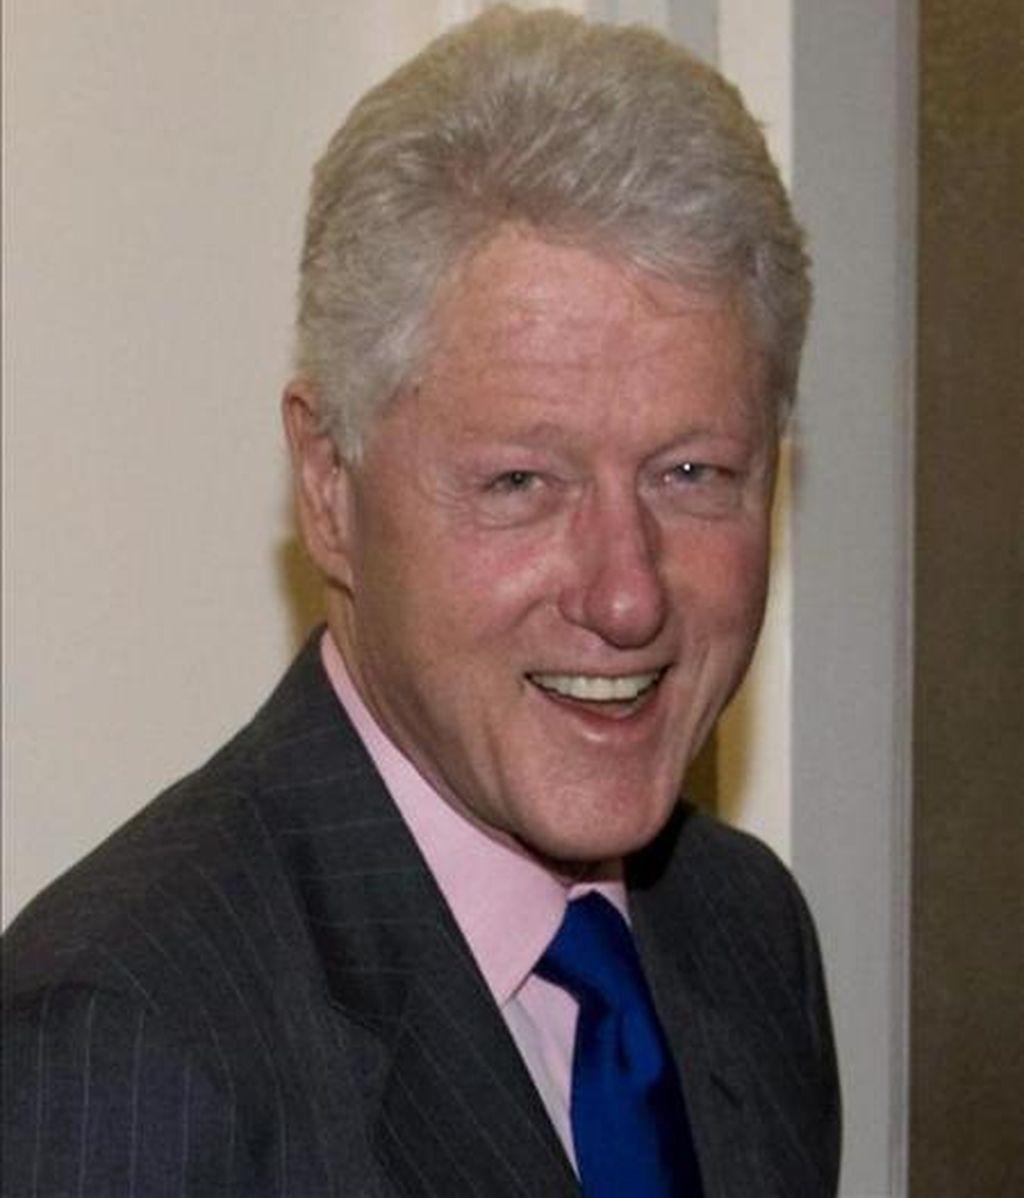 El ex presidente estadounidense Bill Clinton. EFE/Archivo